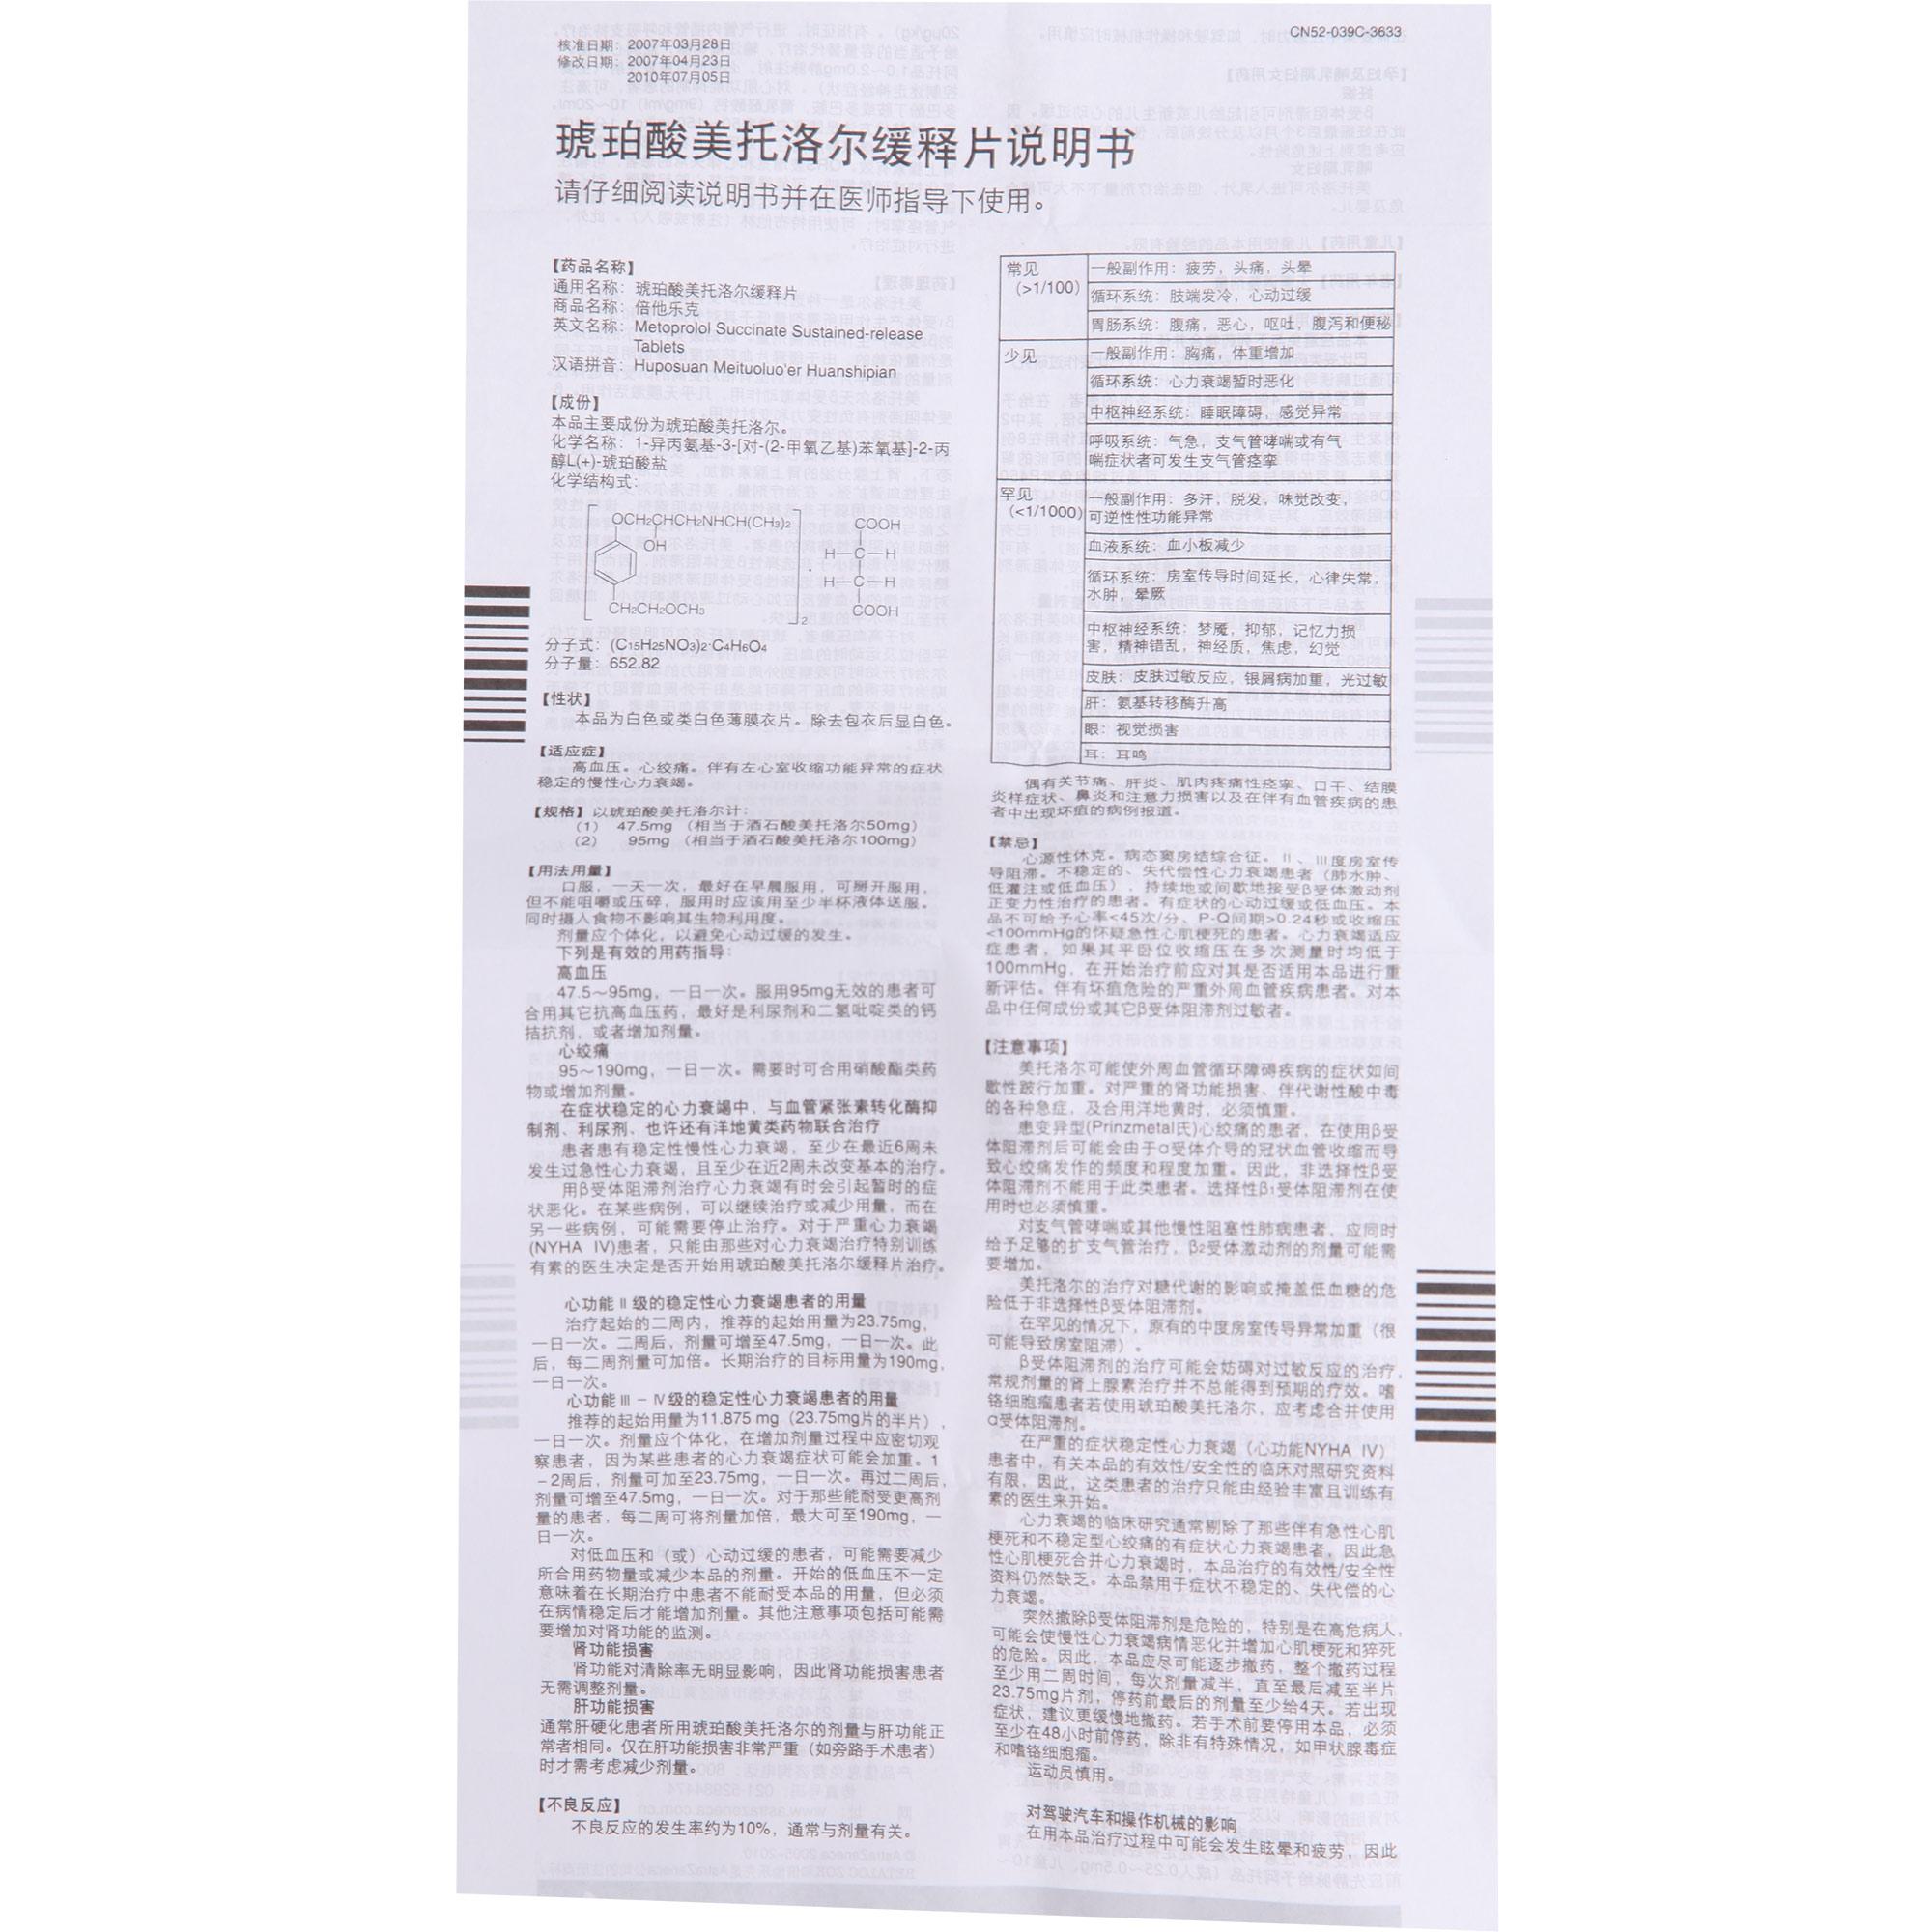 琥珀酸美托洛尔缓释片47.5mg*7片/盒